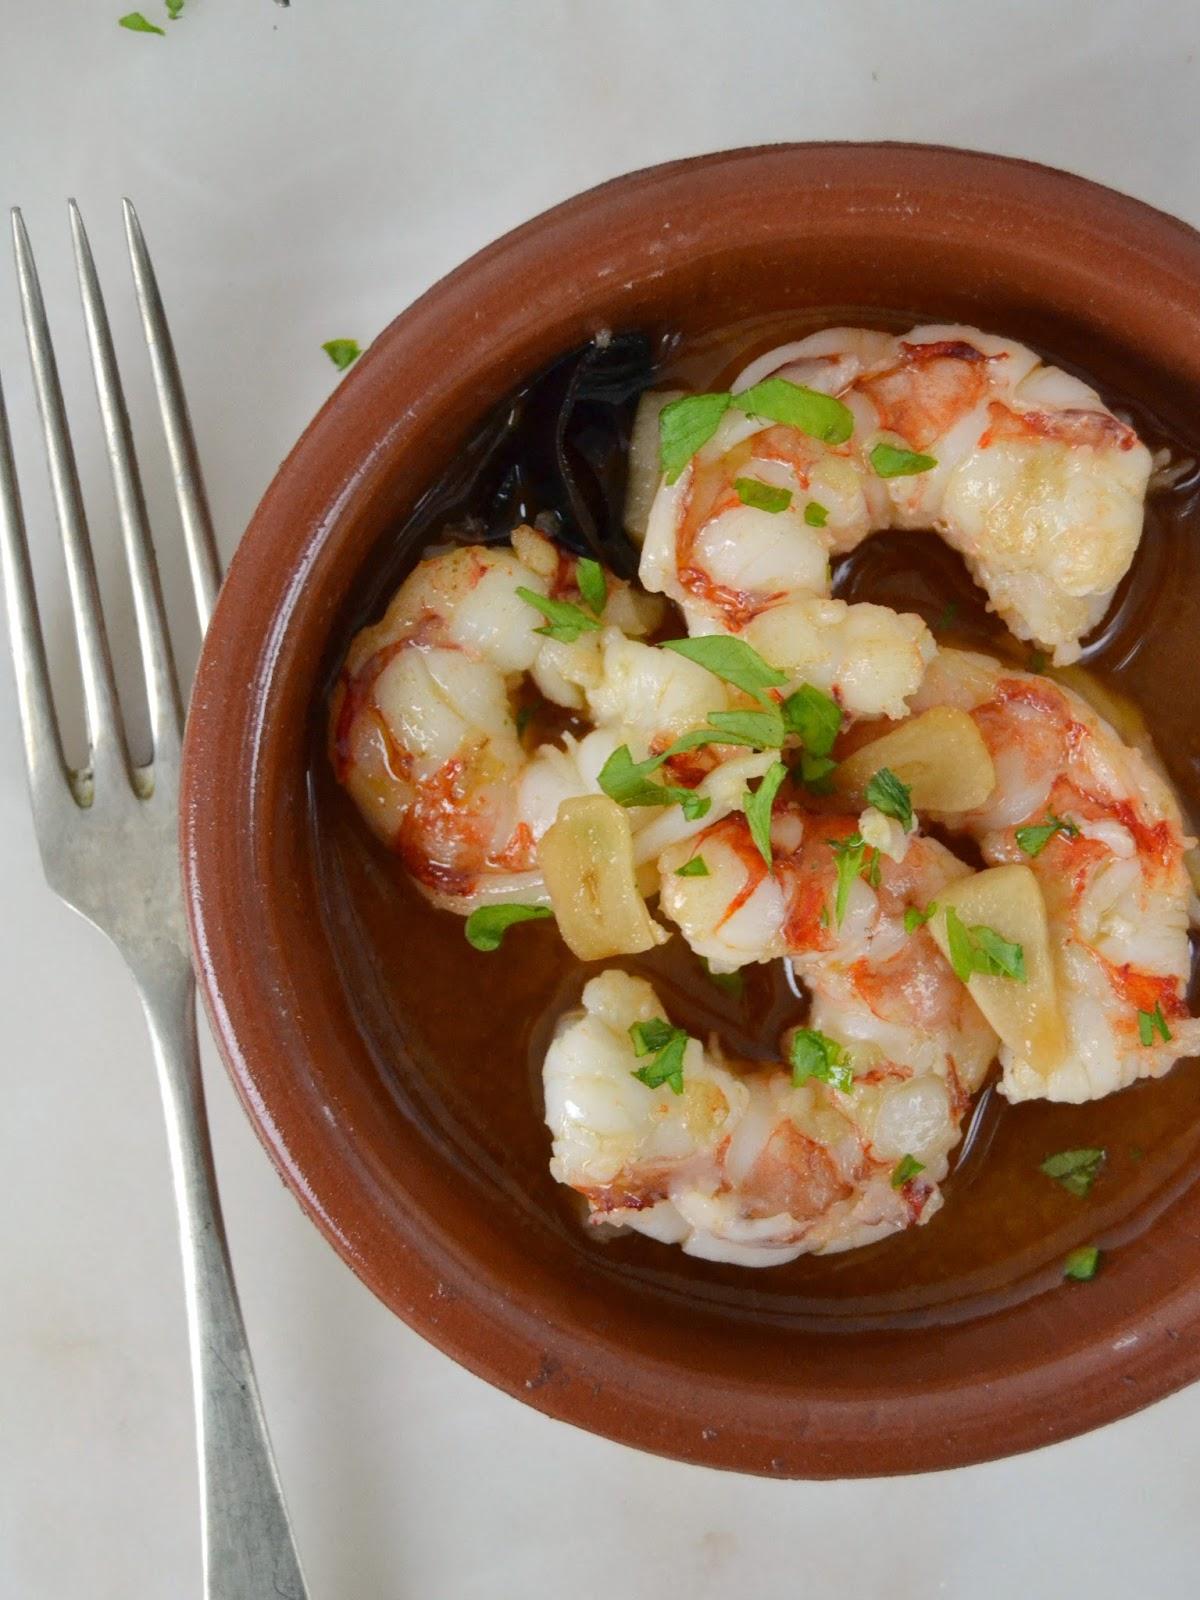 Gambas Al Ajillo Receta Facil Rapida Y Deliciosa Cuuking Recetas De Cocina